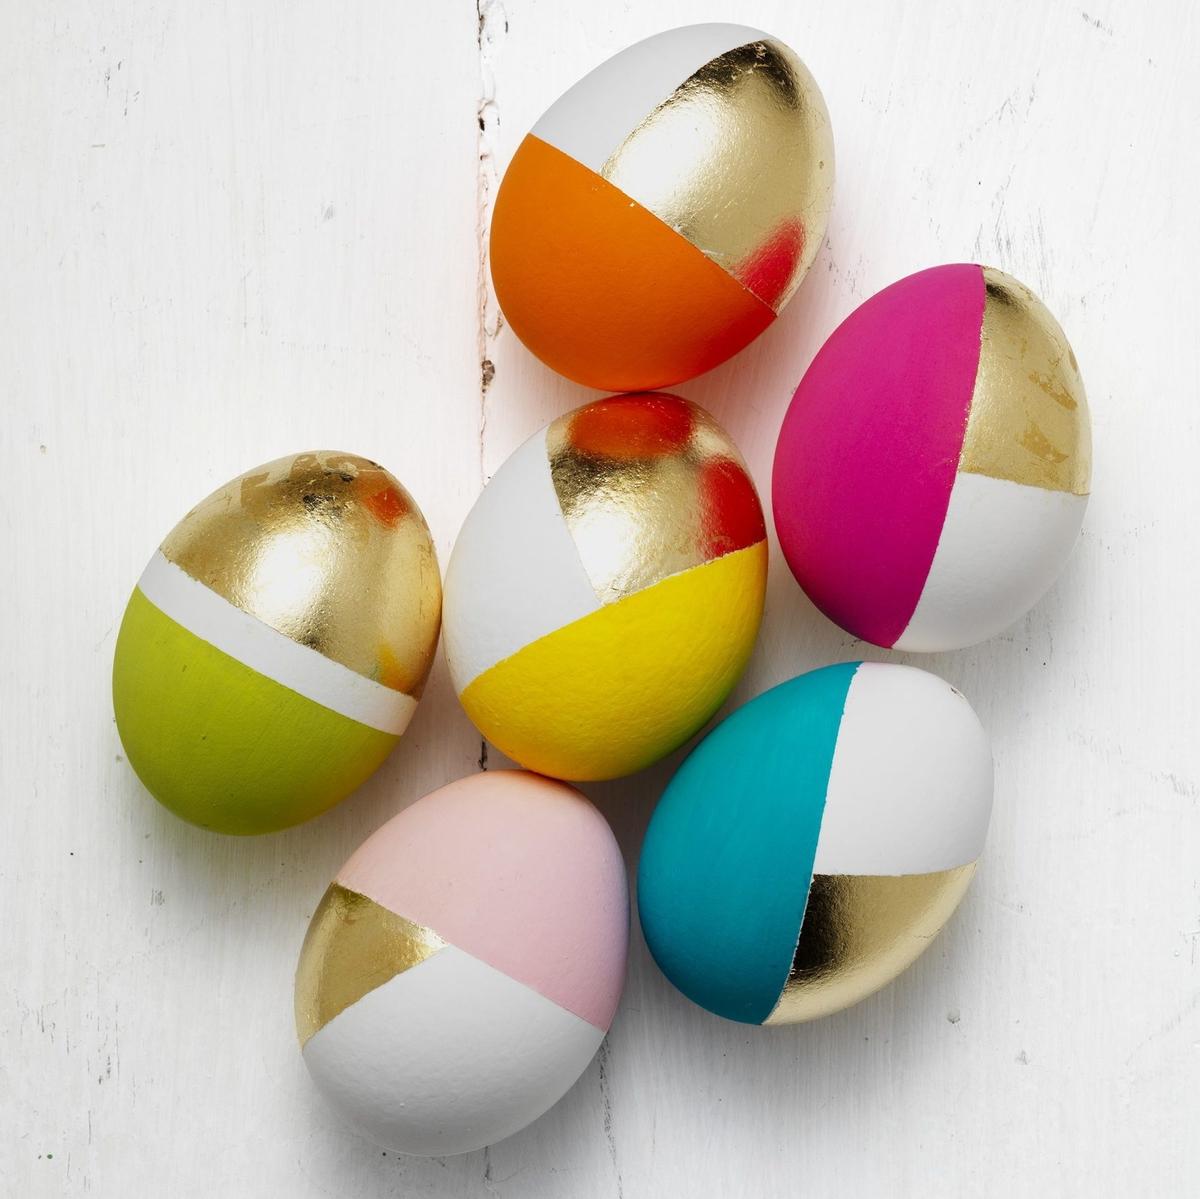 Gör ägg med gulddekor